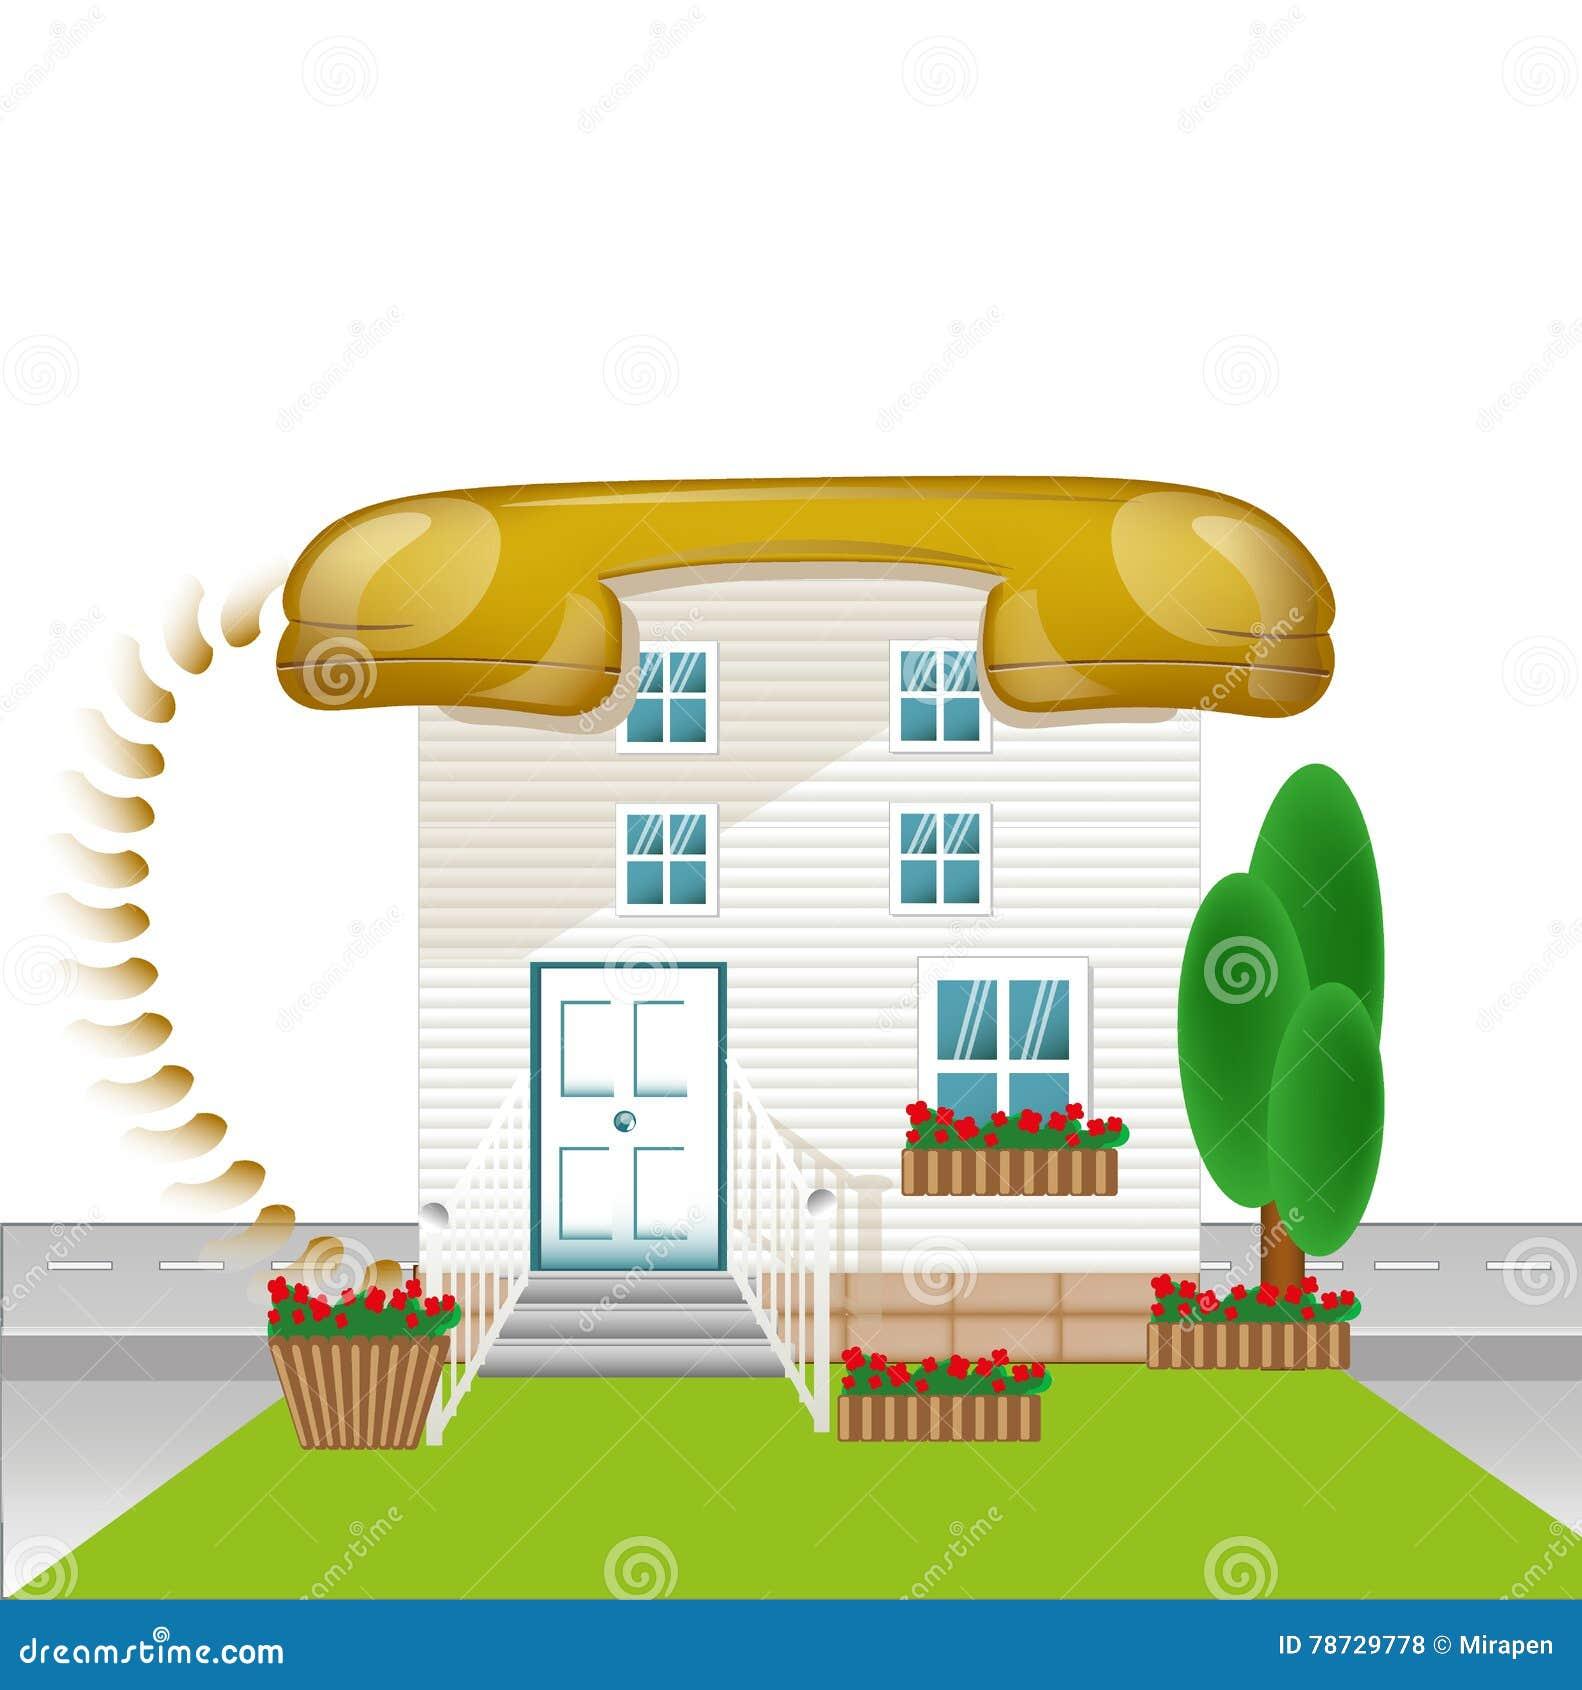 Huset med taktelephon, förbinder befruktningen, förbinda-hus symbol